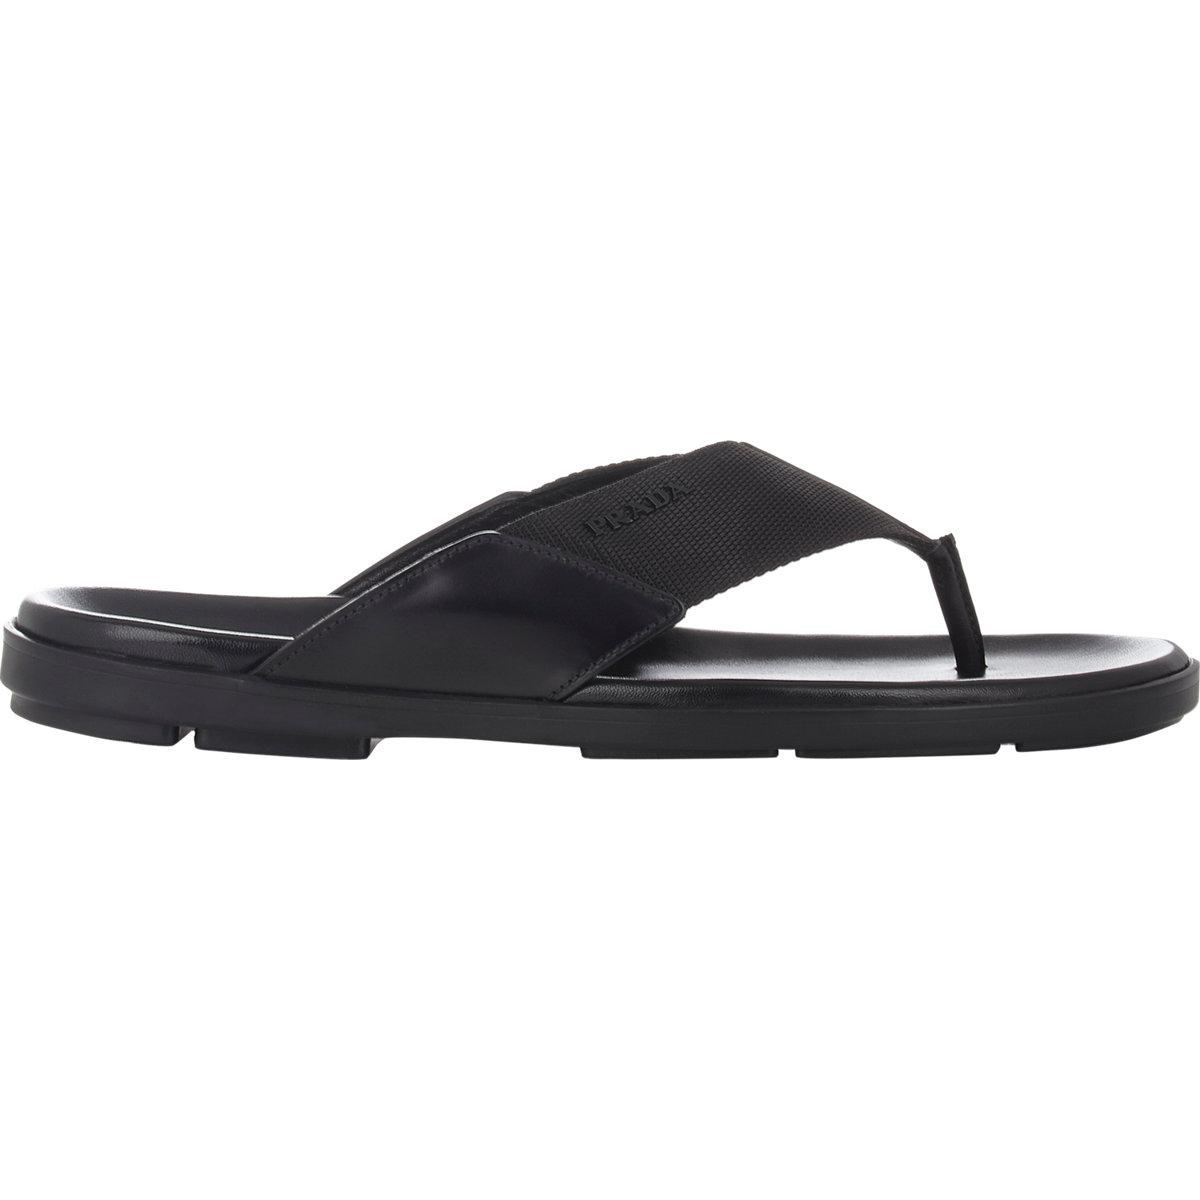 0317d77fa142 Lyst - Prada Men s Spazzolato   Nylon Thong Sandals in Black for Men